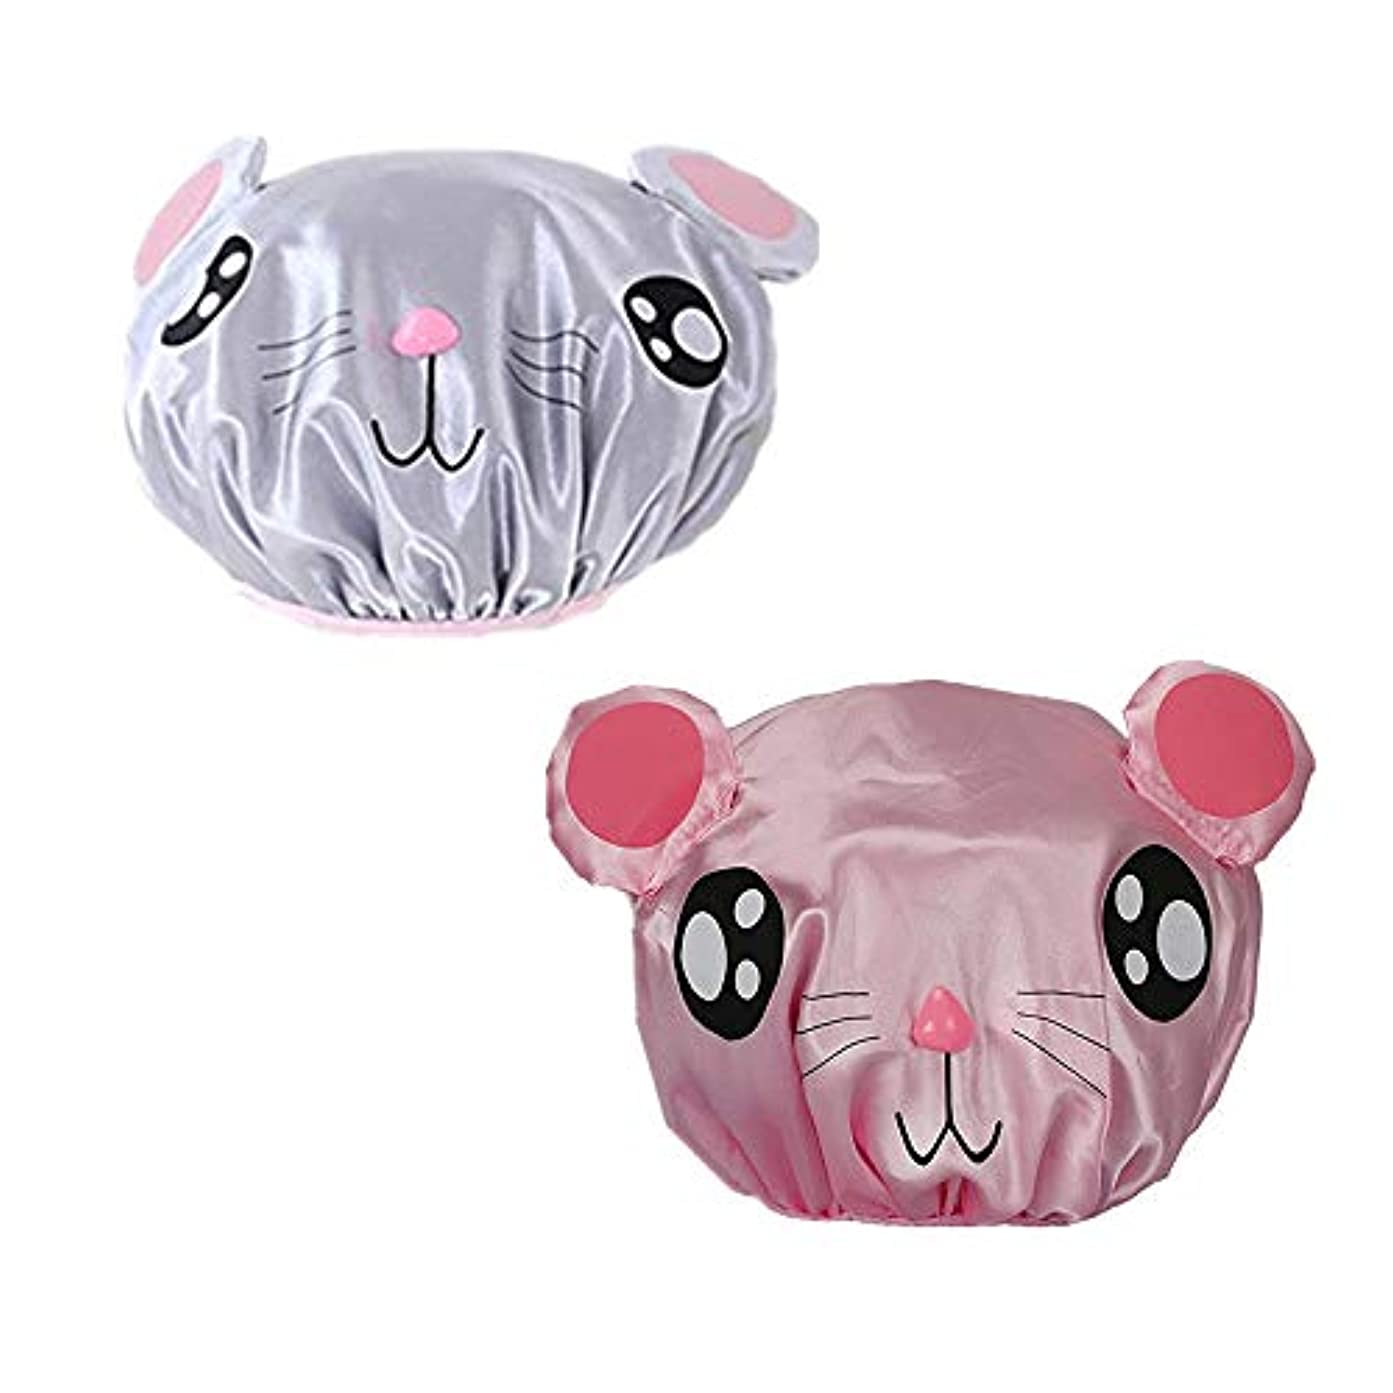 申請中一般的な政治家のKingsie シャワーキャップ キッズ 子供用 2枚セット ヘアキャップ 可愛い 動物柄 カートゥーン 防水帽 入浴キャップ お風呂 ピンク/グレー